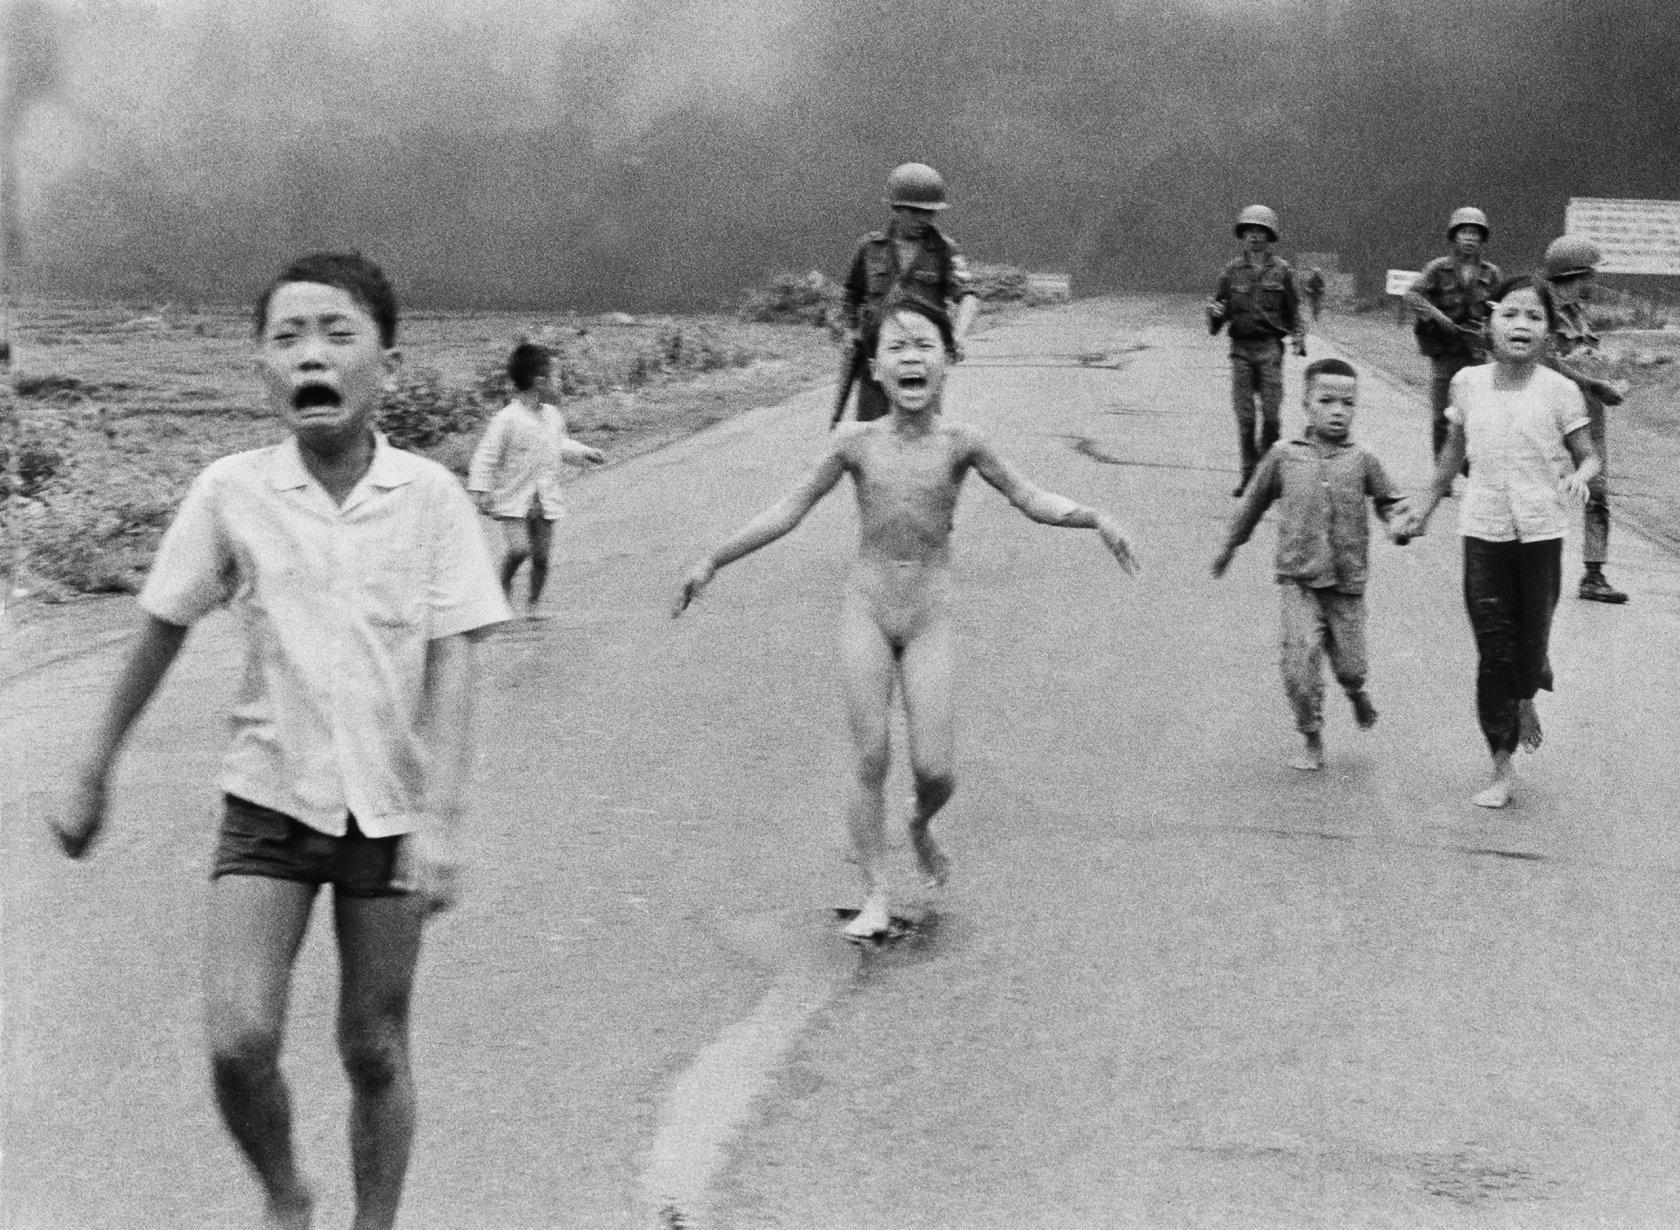 فتاة النابالم عام 72 في فيتنام بعدسة مصور الأسوشيتيد برس